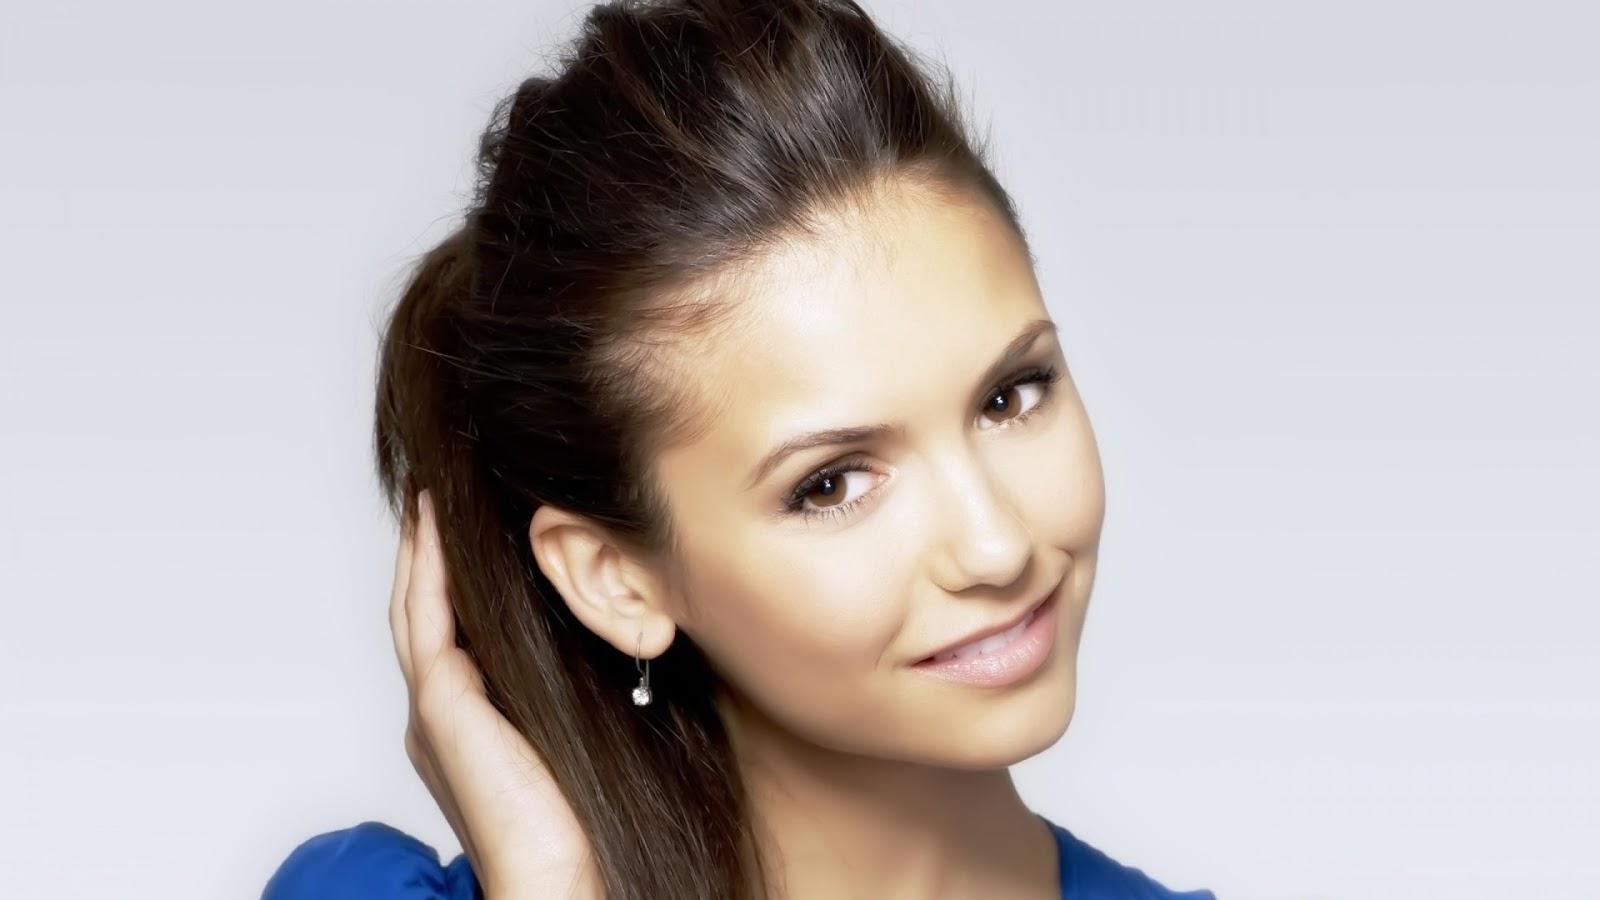 Download Popular Wallpapers 5 Stars Nina Dobrev Hd